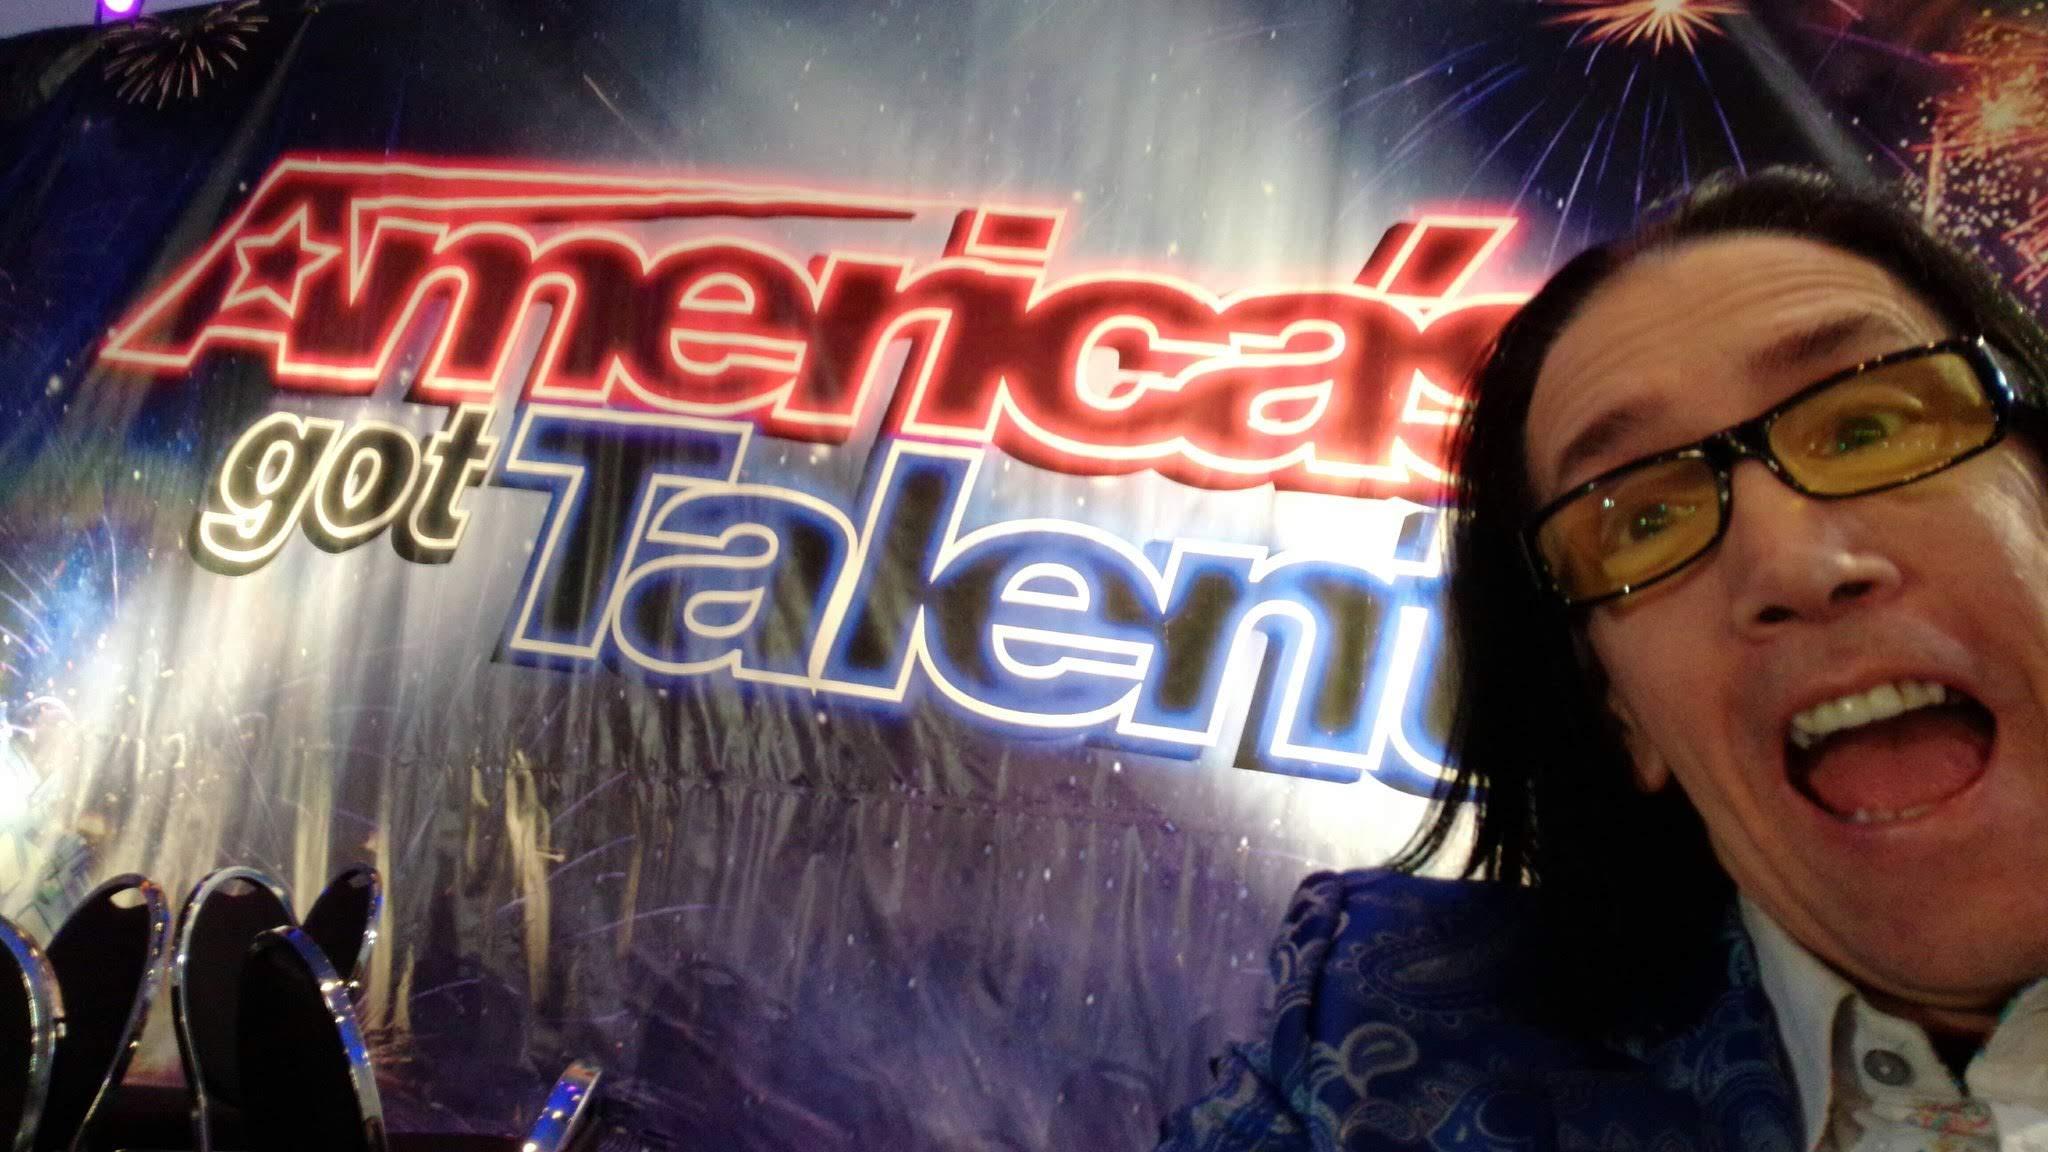 Emo in America's Got Talent